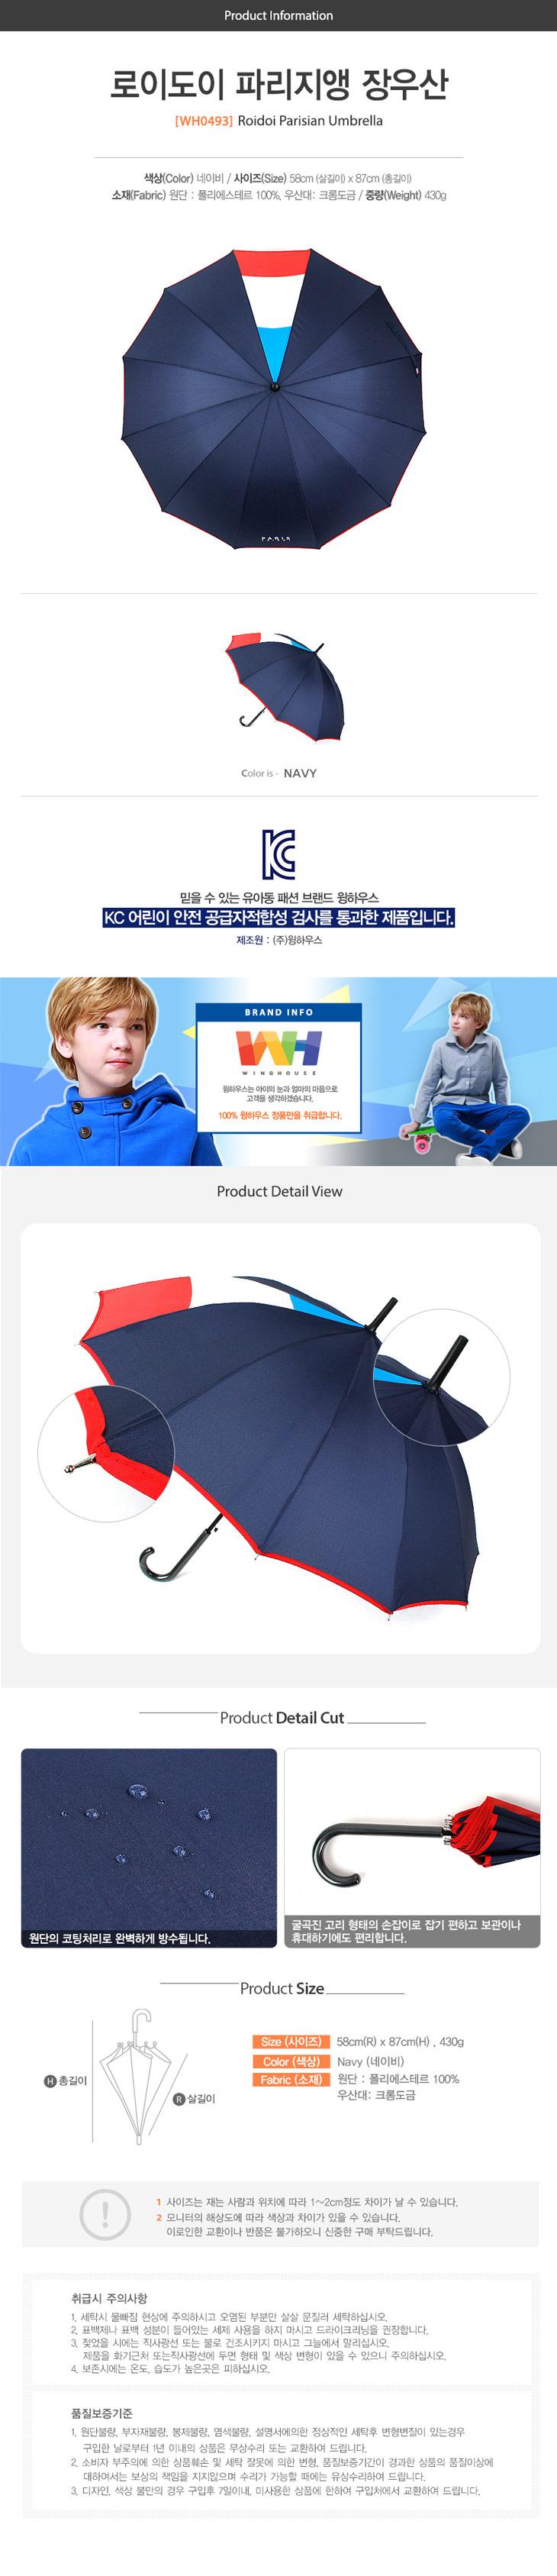 로이도이 파리지앵 장우산 12K 58cm (반자동) - 키티야, 23,900원, 우산, 자동장우산